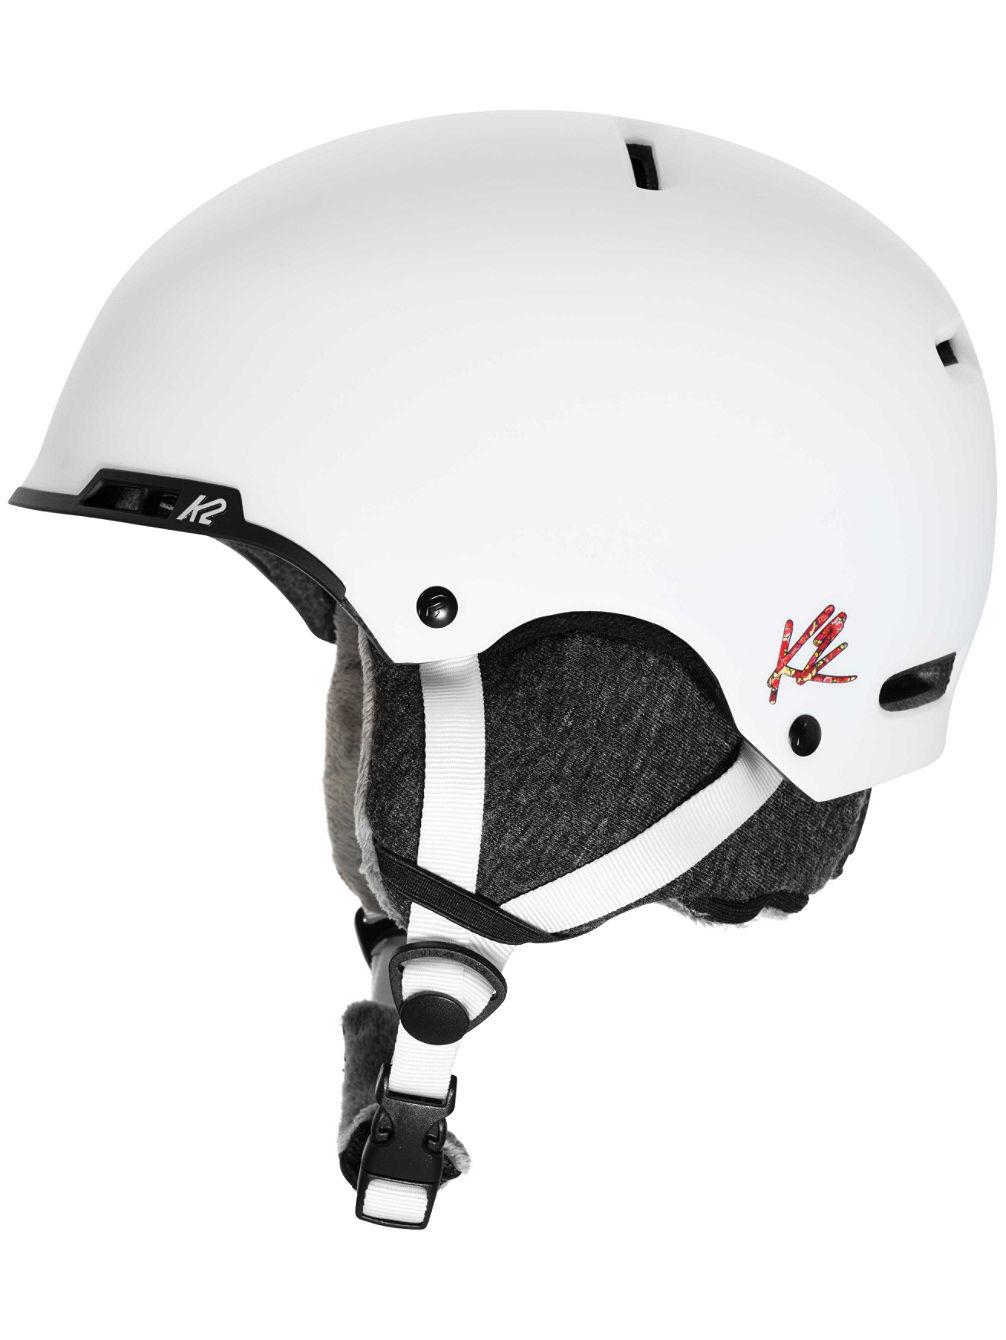 aeec8e2fe8e Buy K2 Meridian Helmet online at Blue Tomato